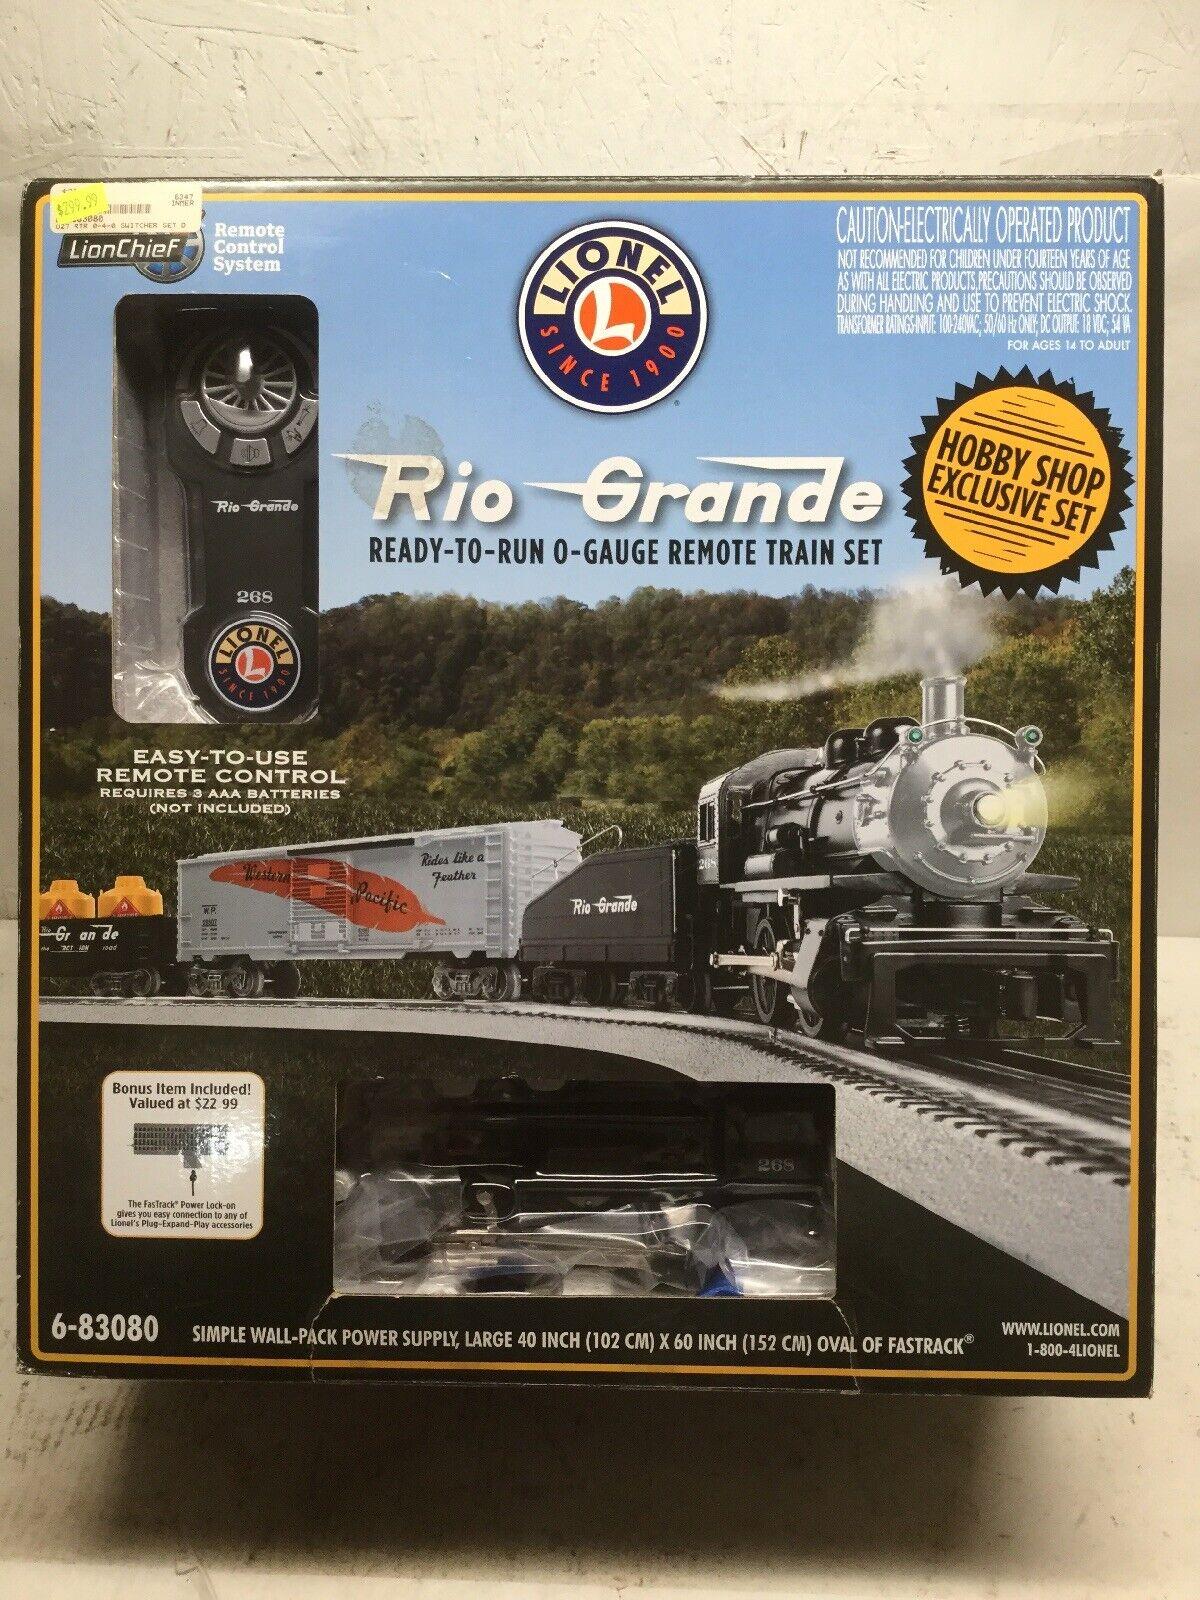 gran descuento Lionel 6-83080 Rio Grande Listo Para Correr O-calibre Remoto Train Train Train Set Exclusivo Set  100% autentico